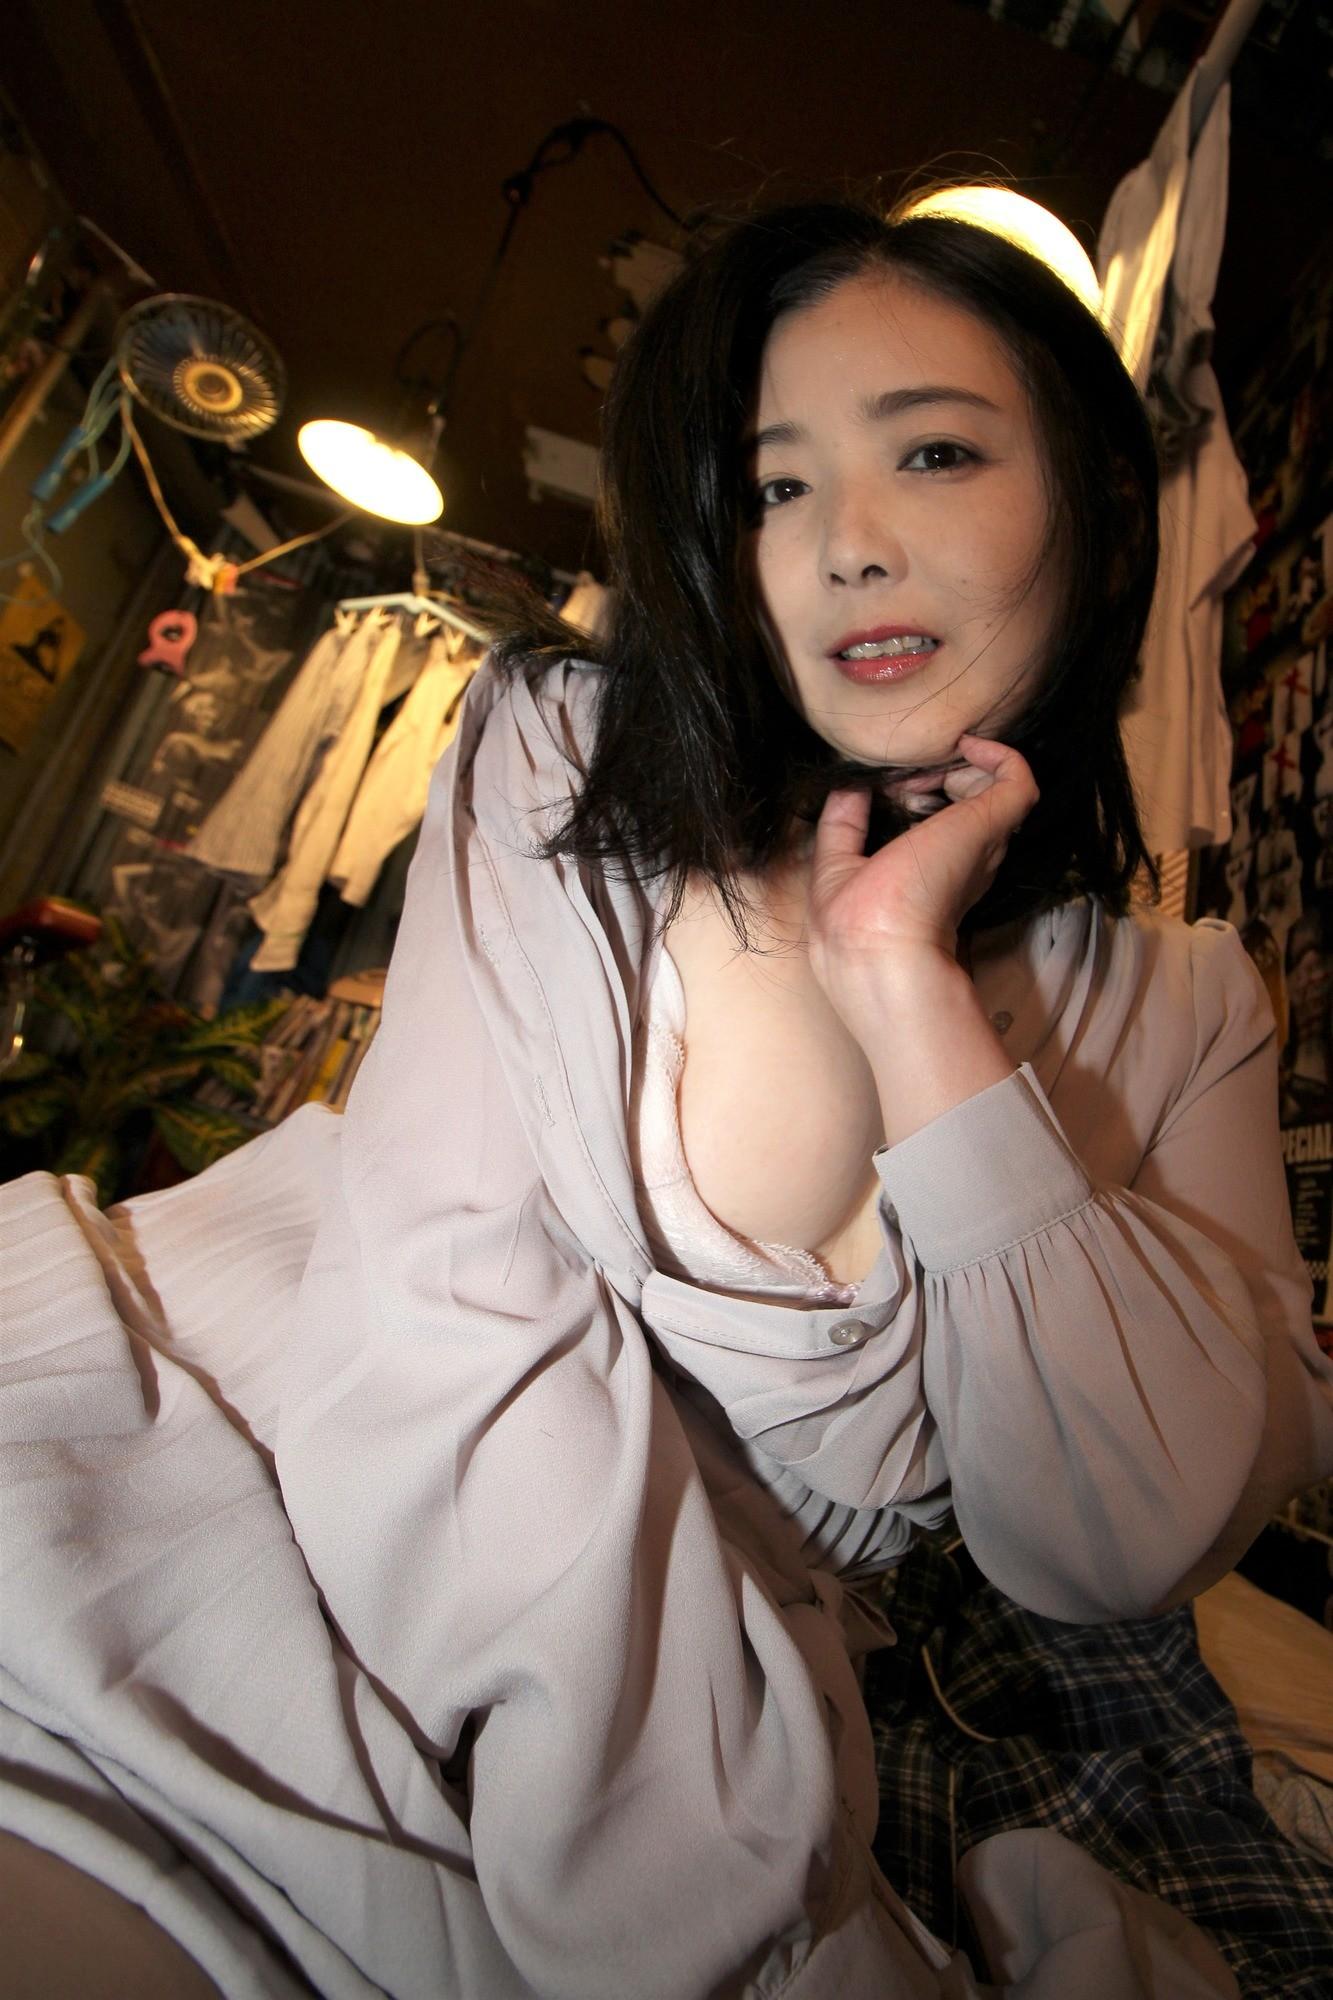 愛しのデリヘル嬢 素人売春生中出し 盗撮強制撮り下ろし 横山さん(主婦)42歳 画像4